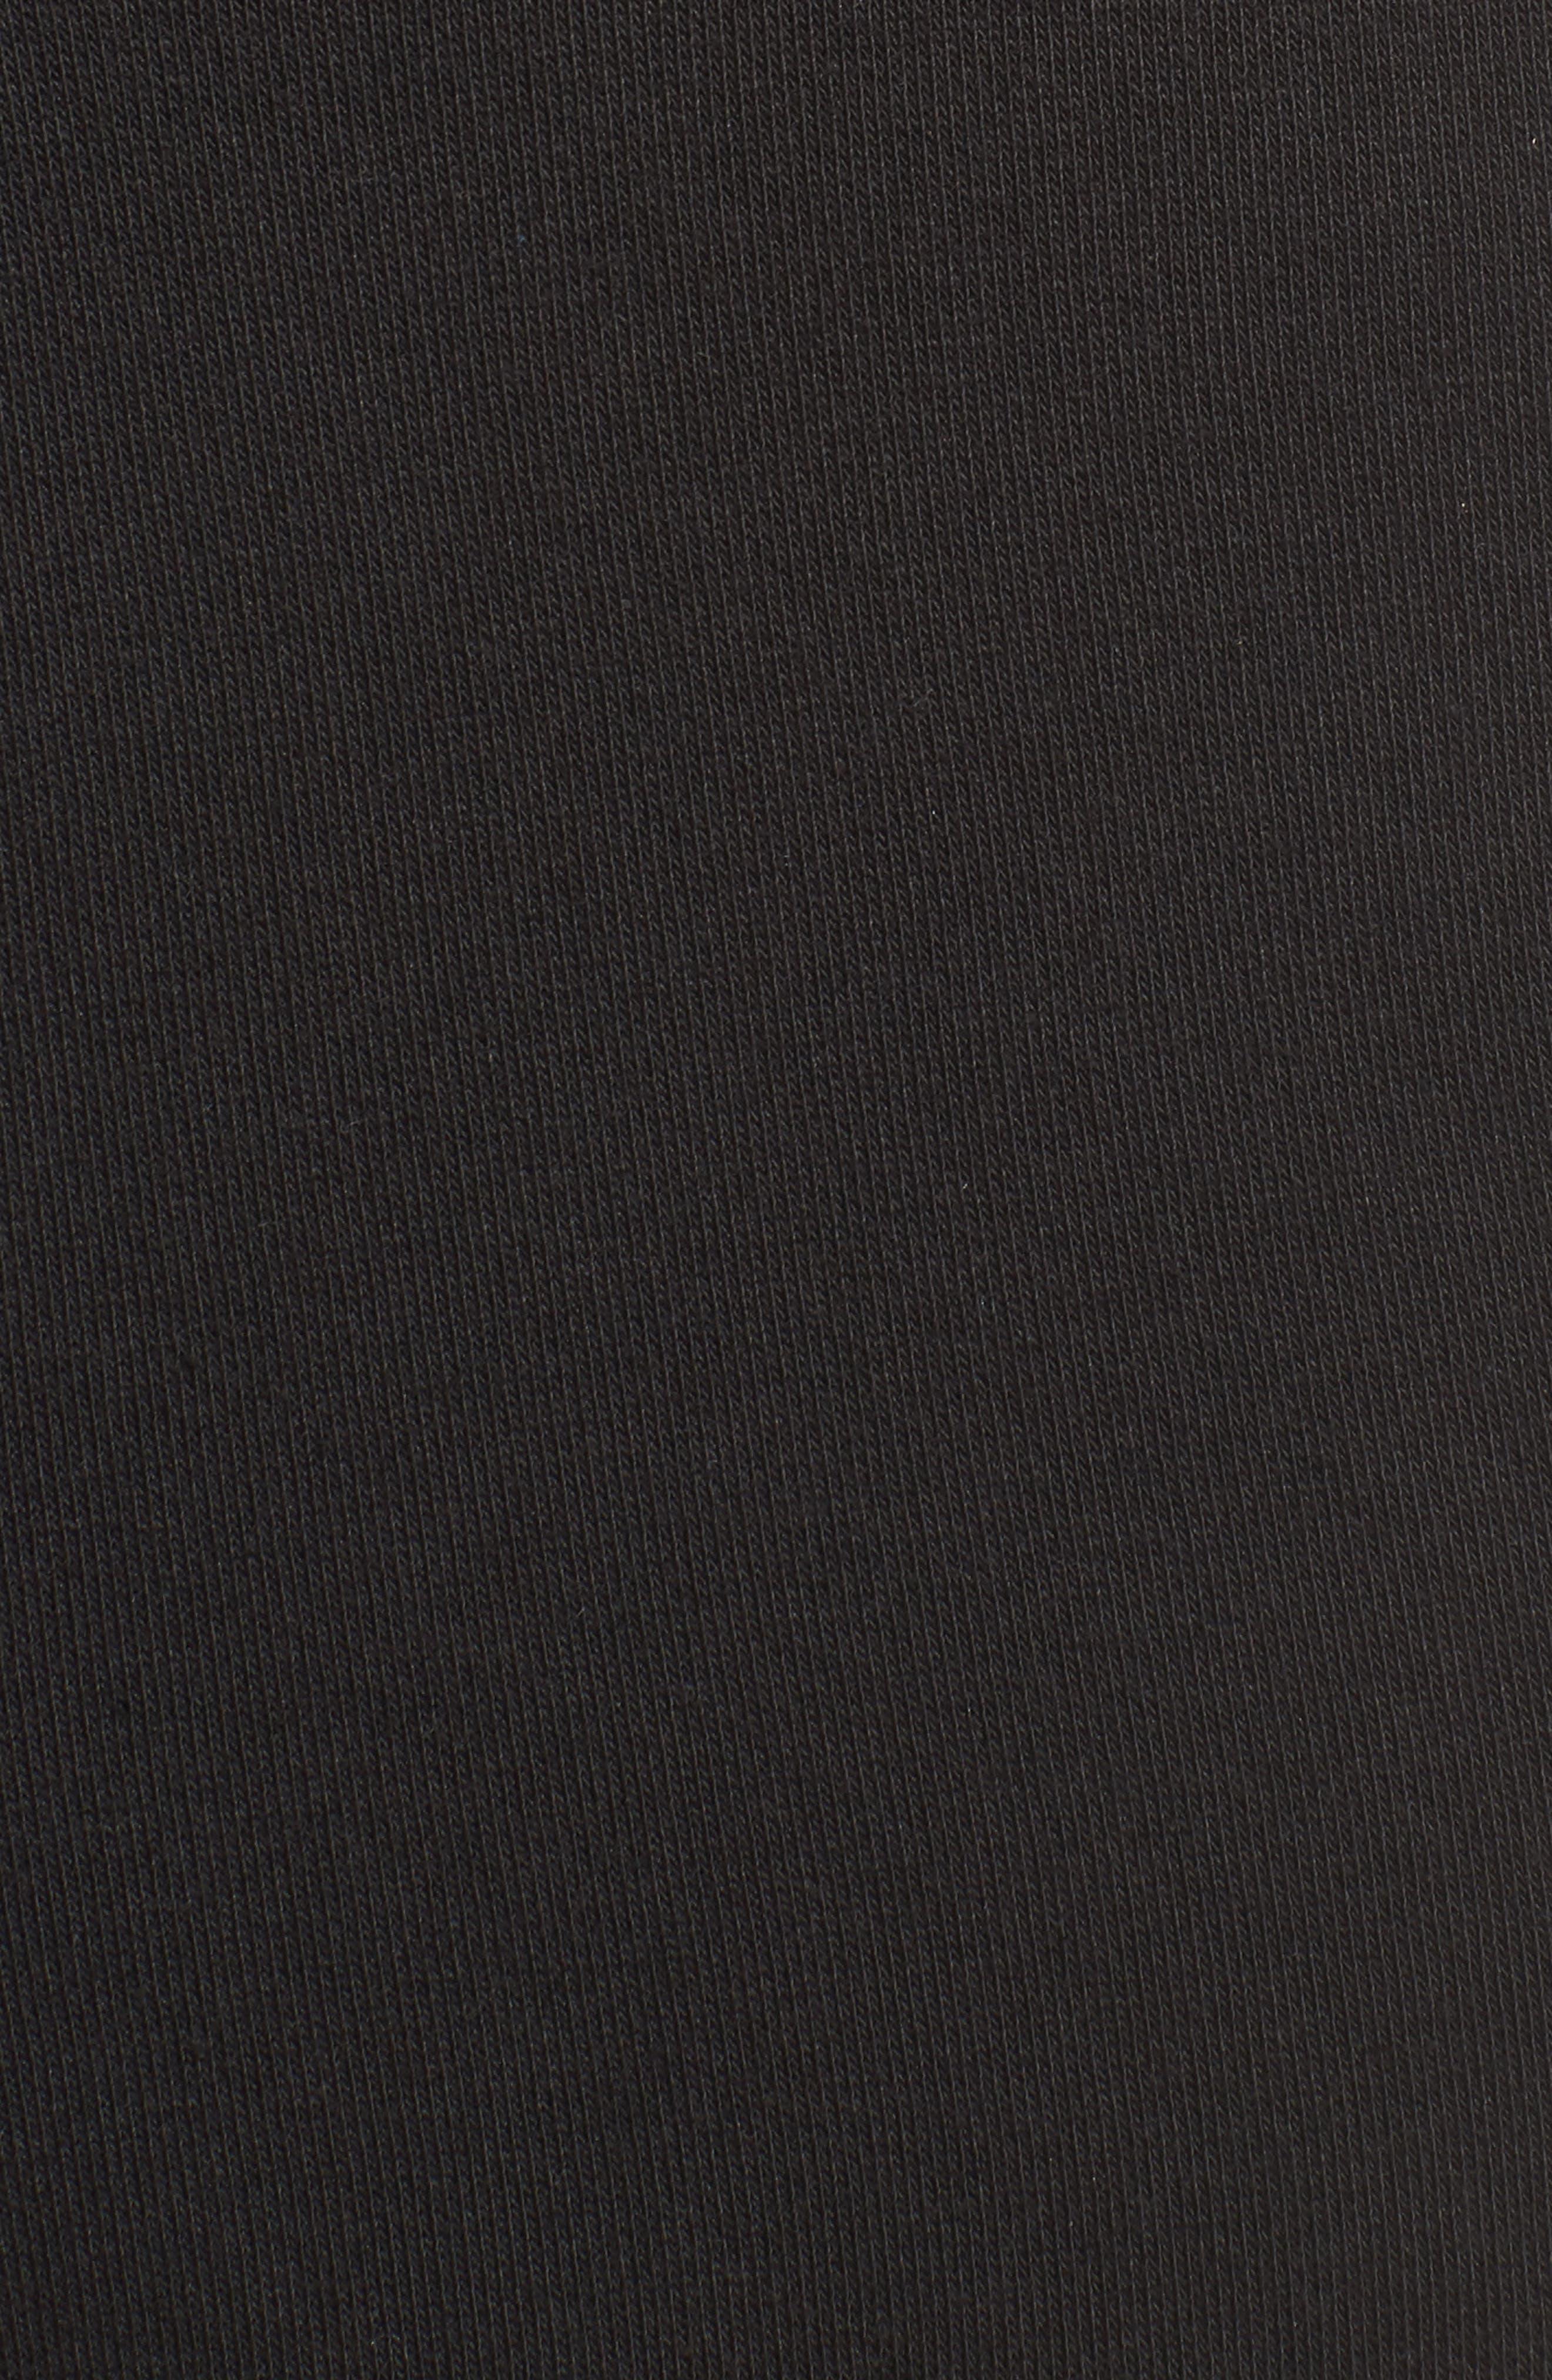 Archive T7 Sweatpants,                             Alternate thumbnail 6, color,                             001